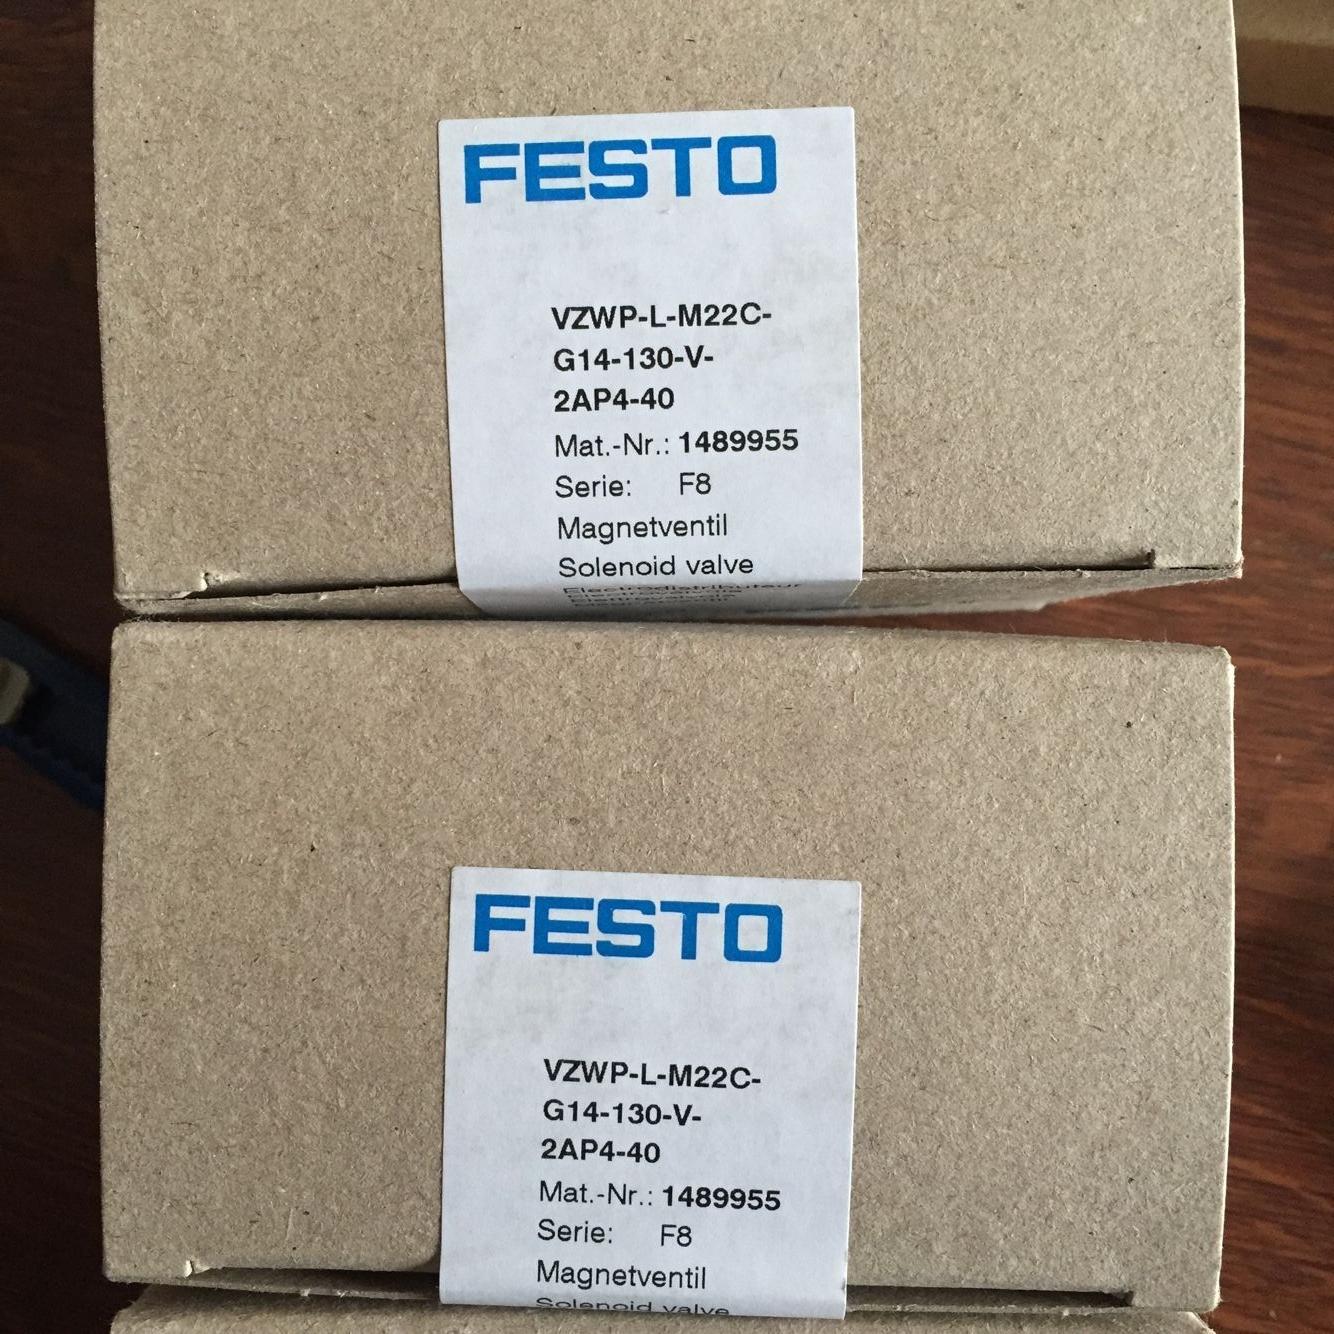 FESTO VZWP-L-M22C-G14-130-V-2AP4-40 1489955